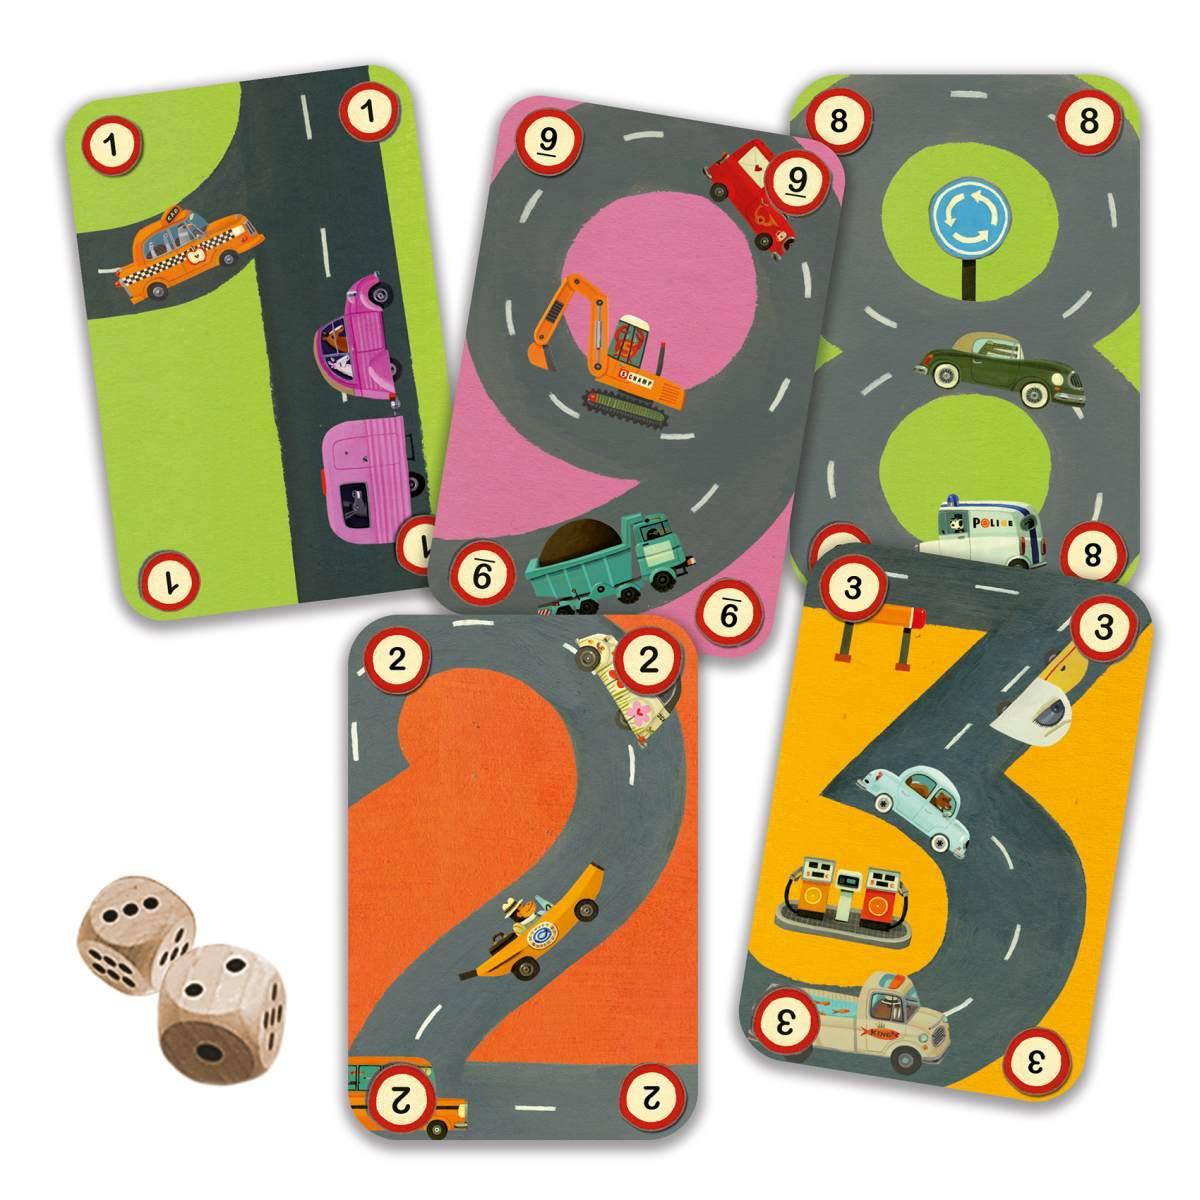 Rallye Spiel